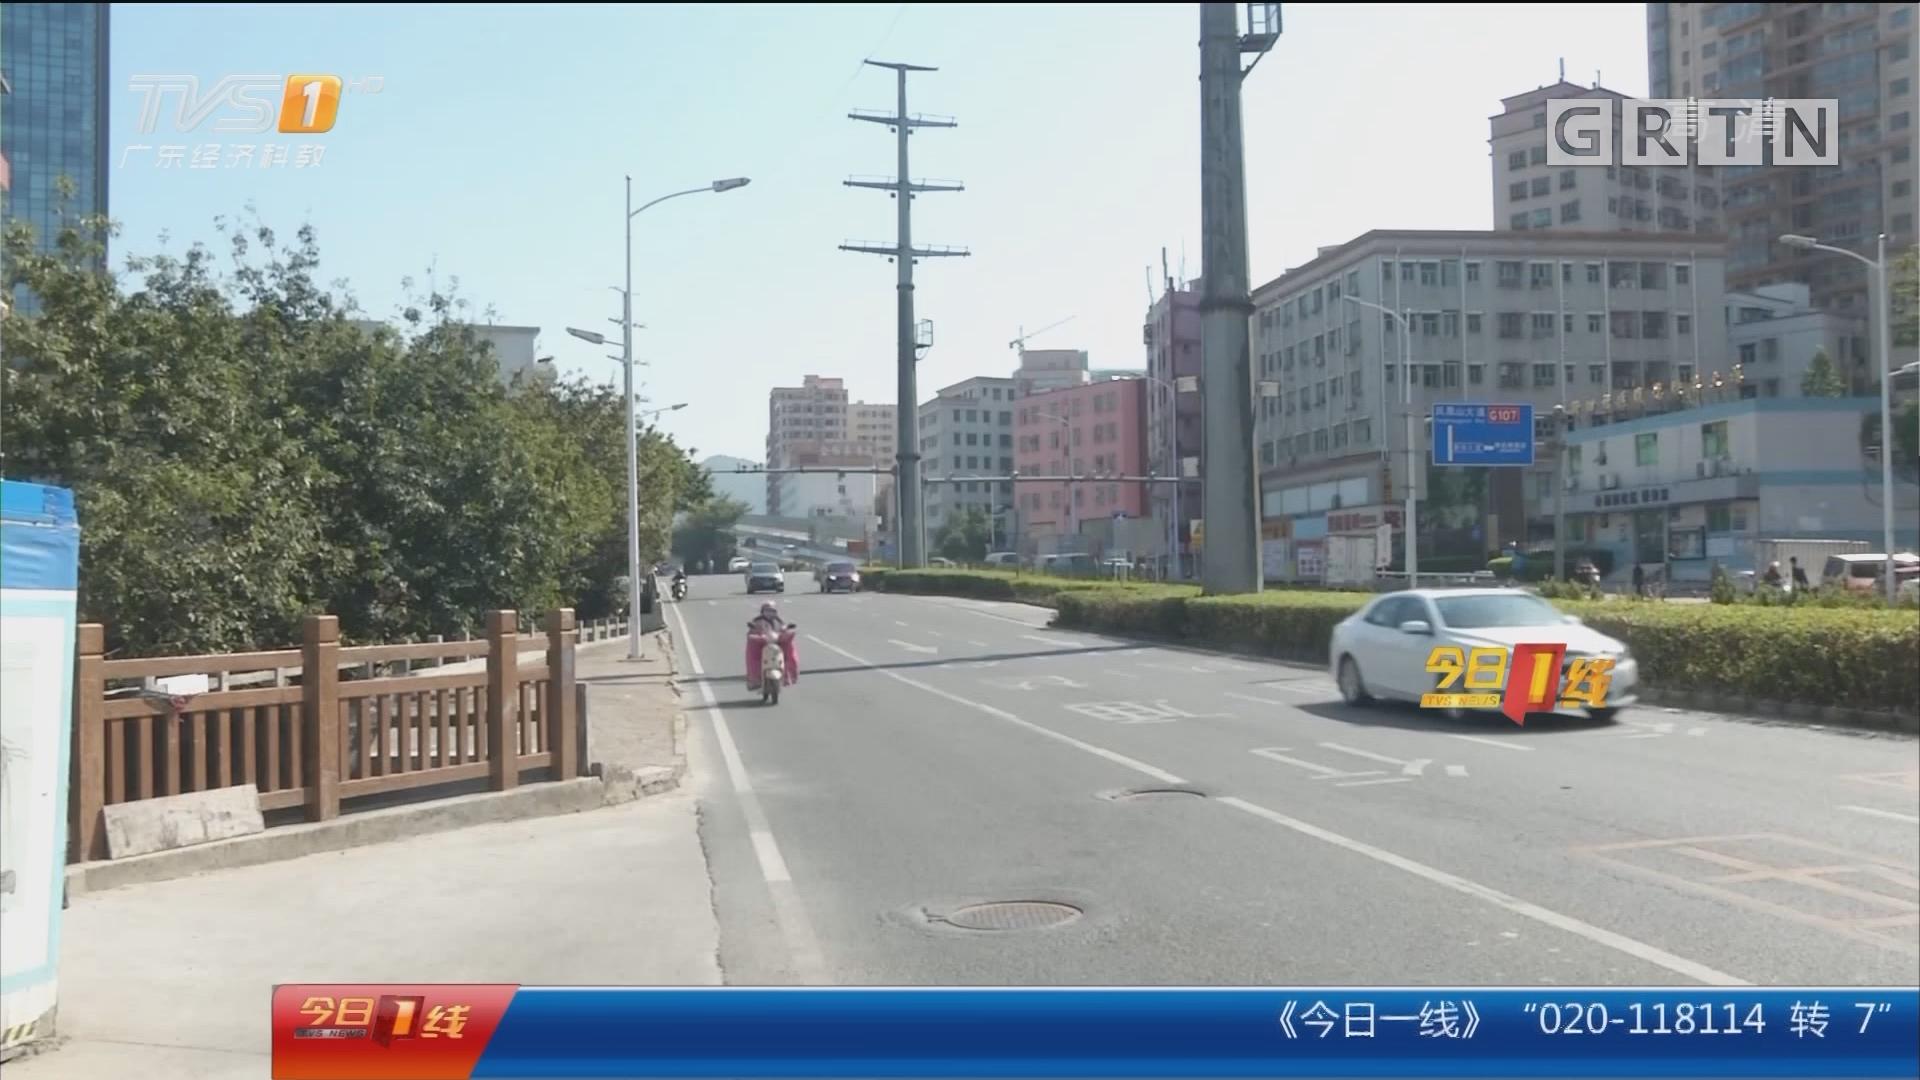 深圳:凌晨遇交警查酒驾 男子弃车跳河